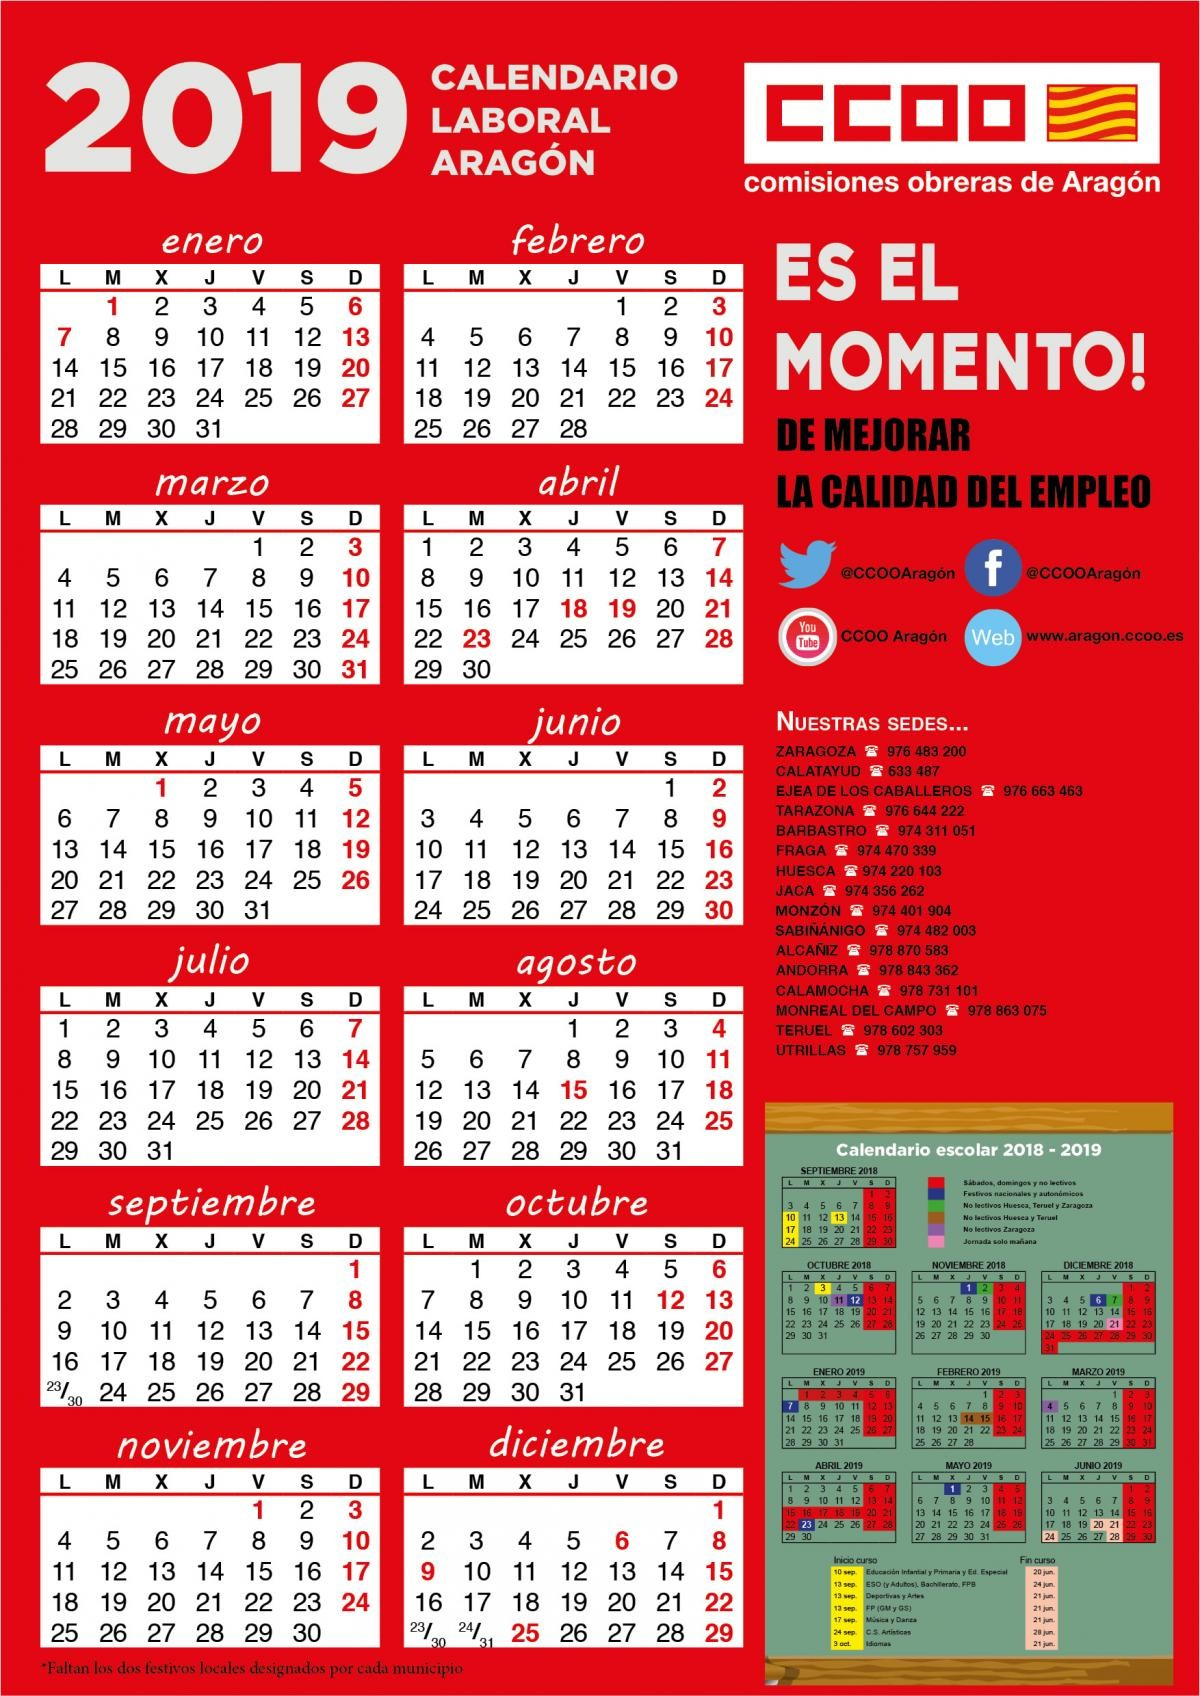 Calendario De Fiestas Catalunya 2019 Más Actual isiones Obreras De Arag³n Of Calendario De Fiestas Catalunya 2019 Más Recientes Calendario 2019 Para Imprimir Icalendario